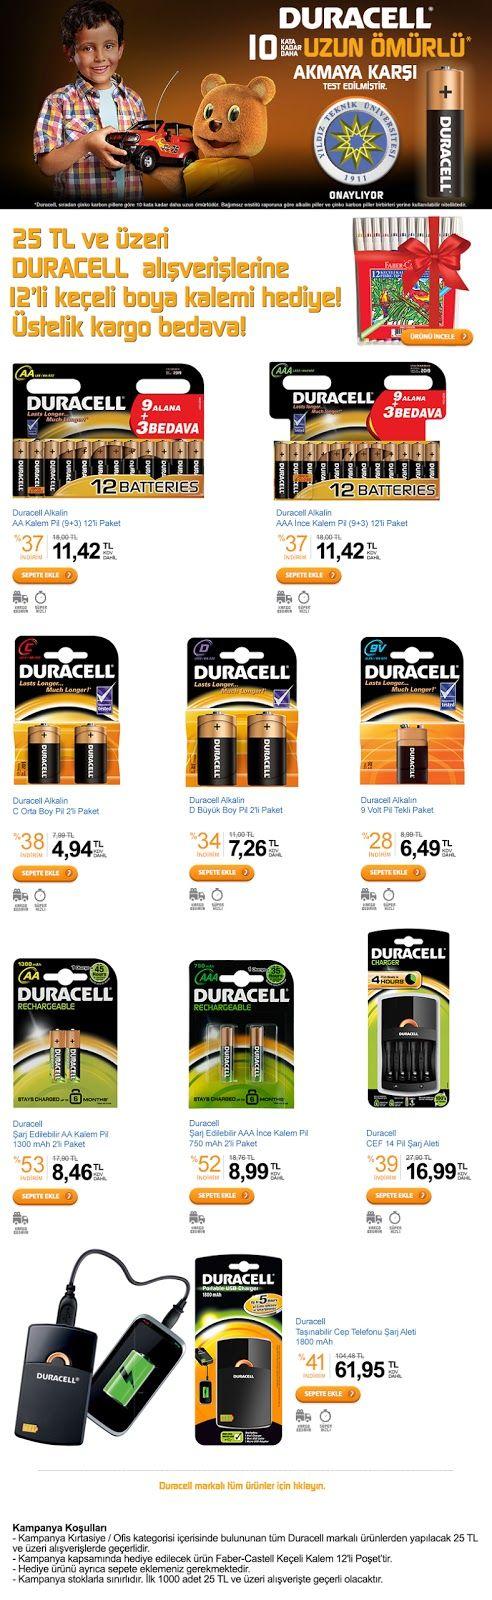 25 TL ve üzeri Duracell alışverişlerine 12'li keçeli boya kalemi hediye - Kampanya Takip